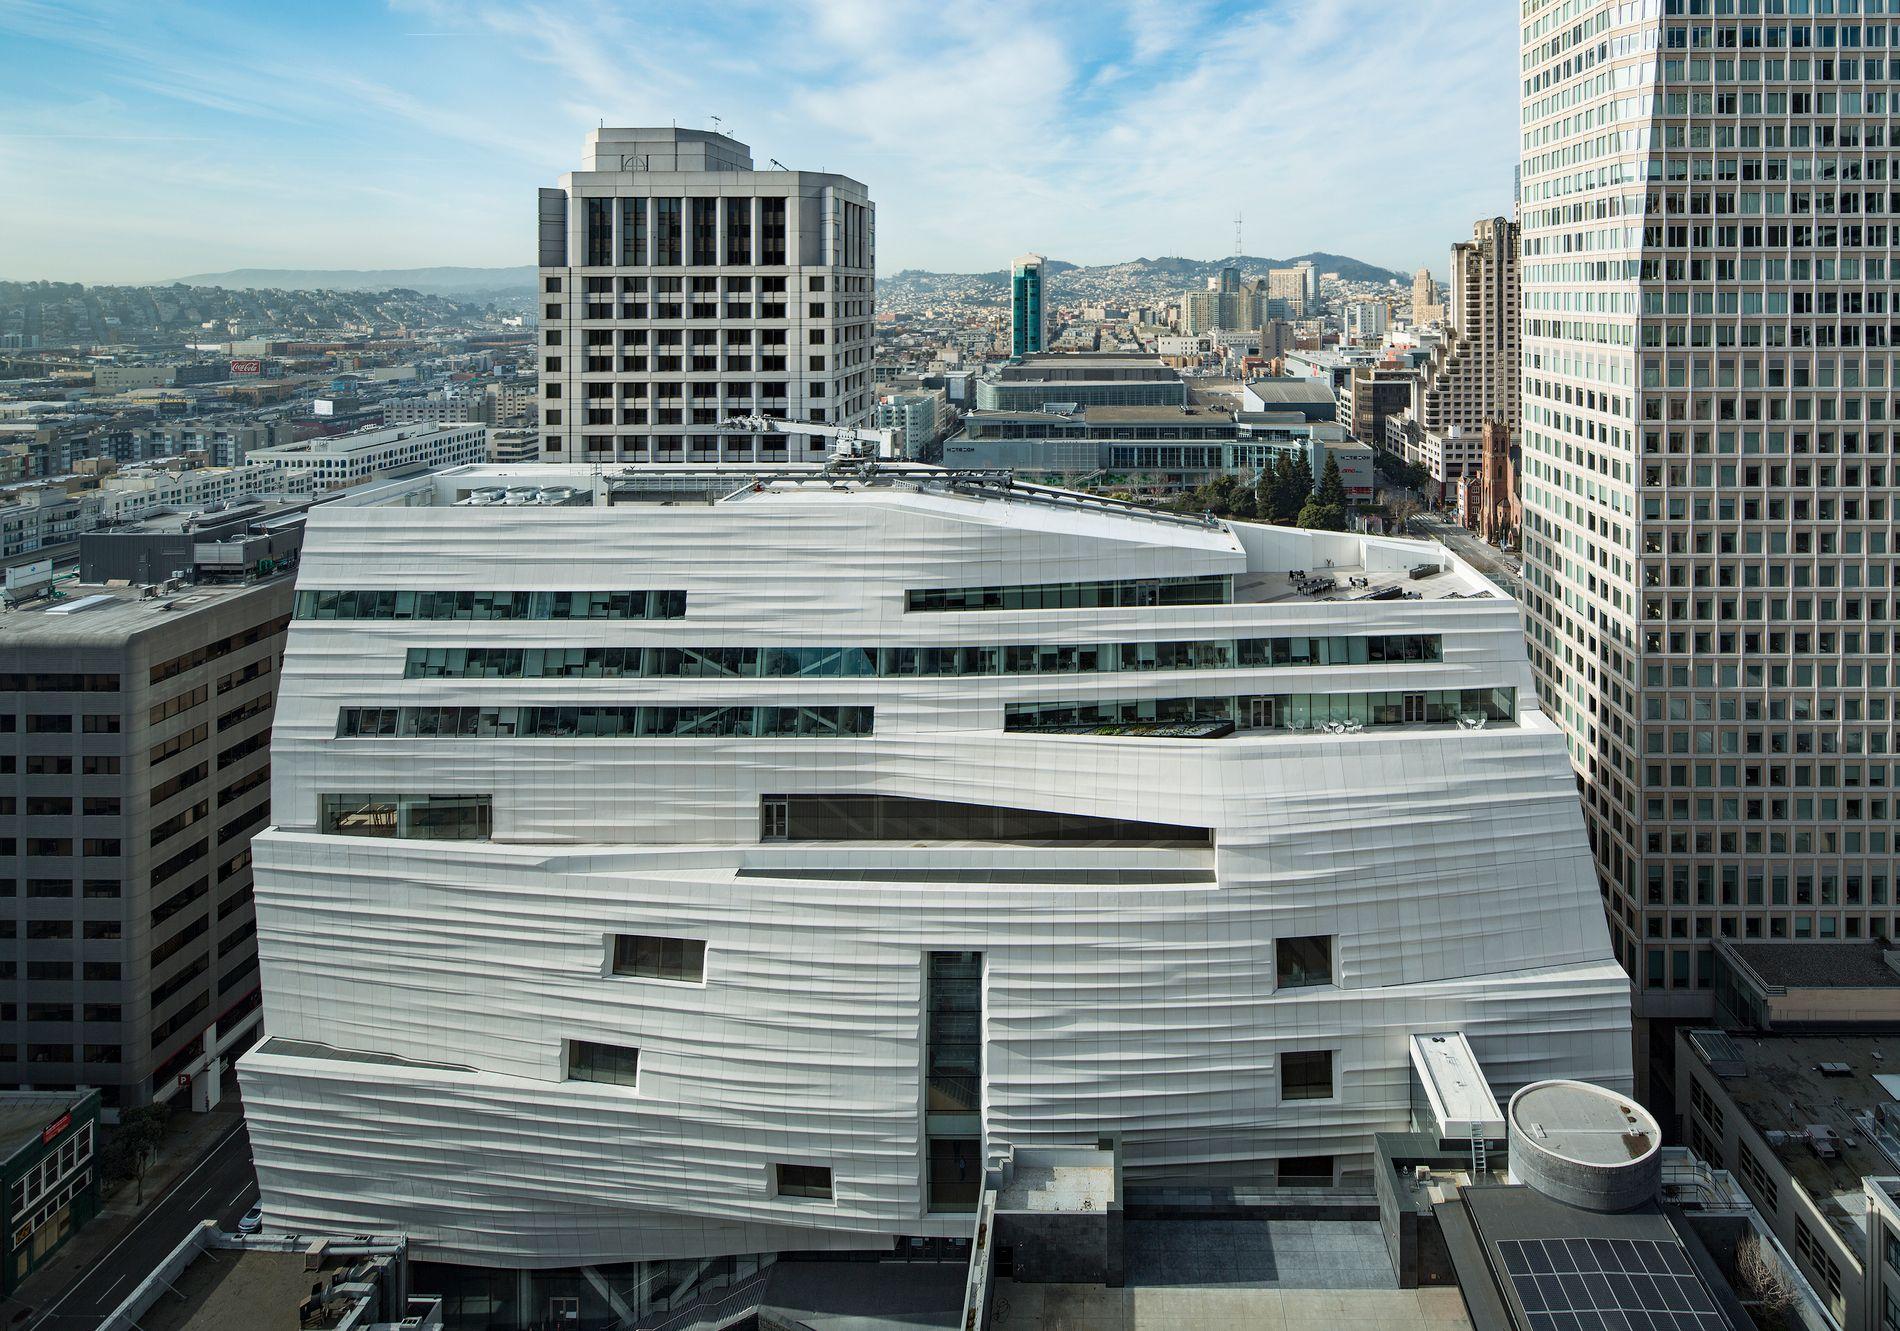 HYLLES: I San Francisco har Snøhetta laget et ti etasjers tilbygg til det opprinnelige SFMOMA-museet. Utvidelsen gjør museet til en av USAs største for samtidskunst. Foto: Henrik Kam/SFNOMA